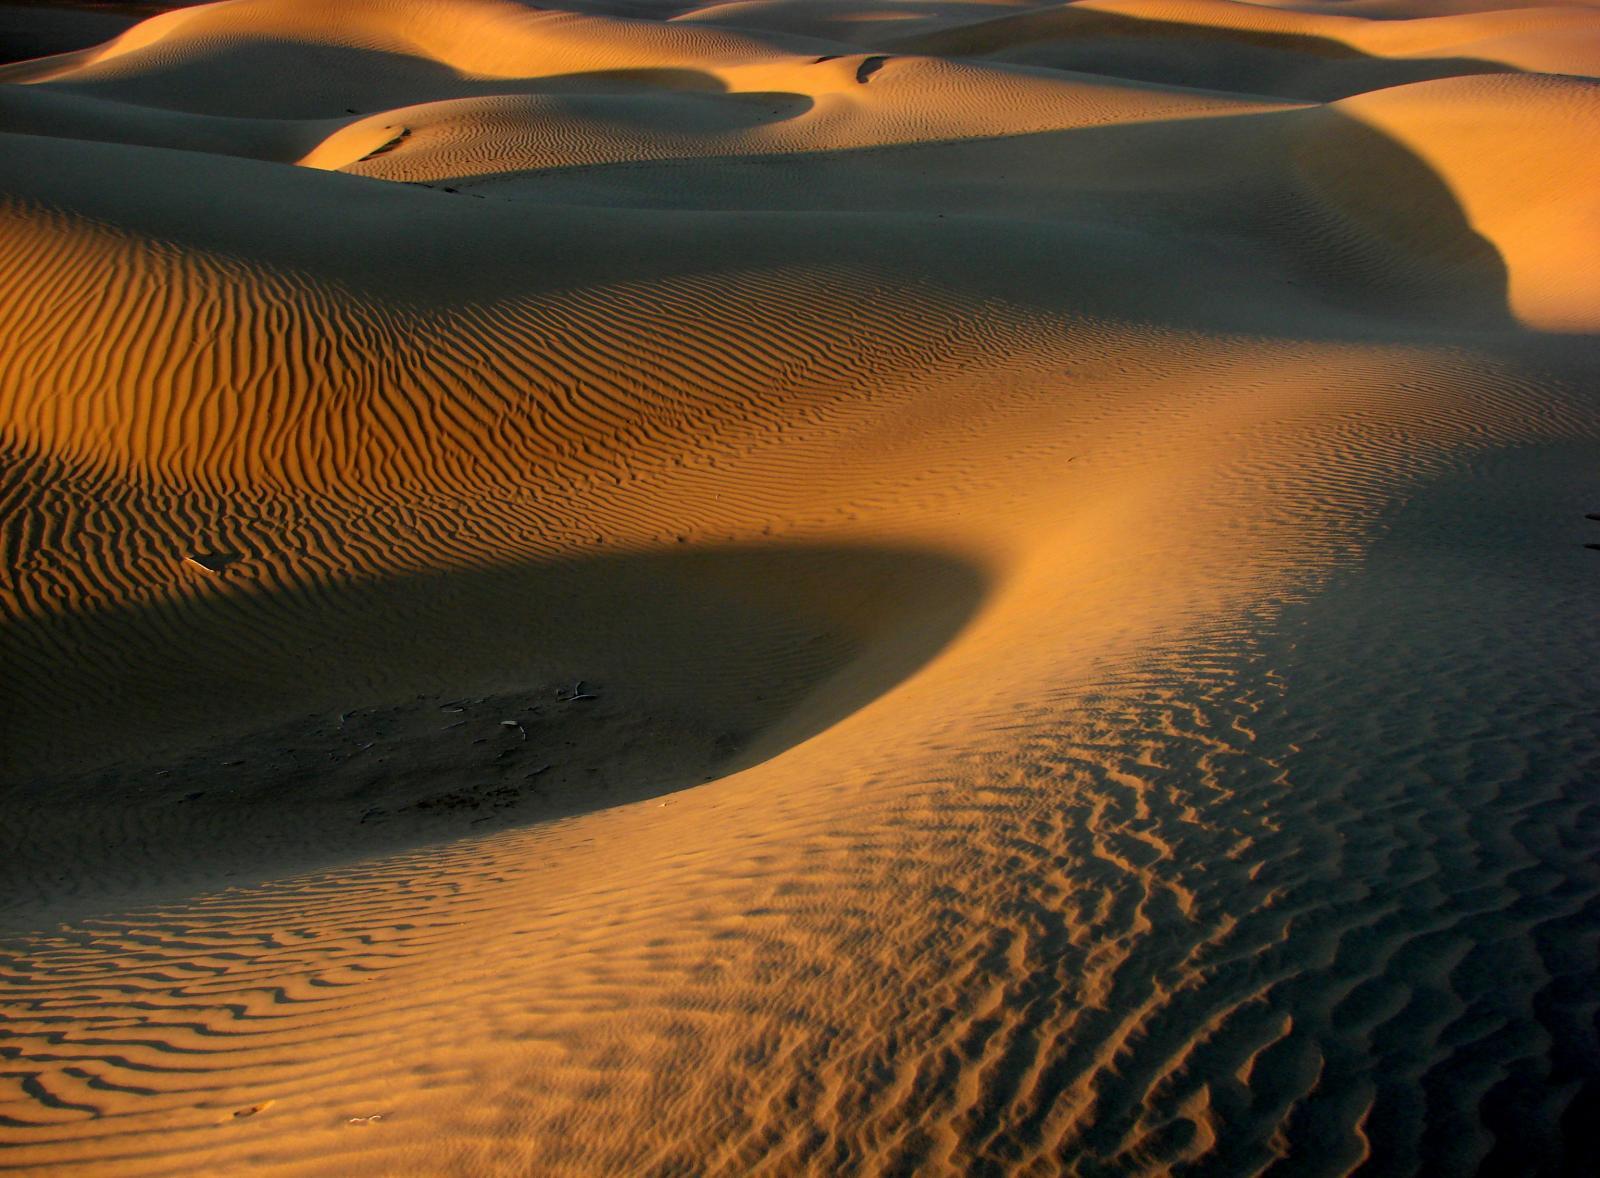 Sand dunes in Thar Desert